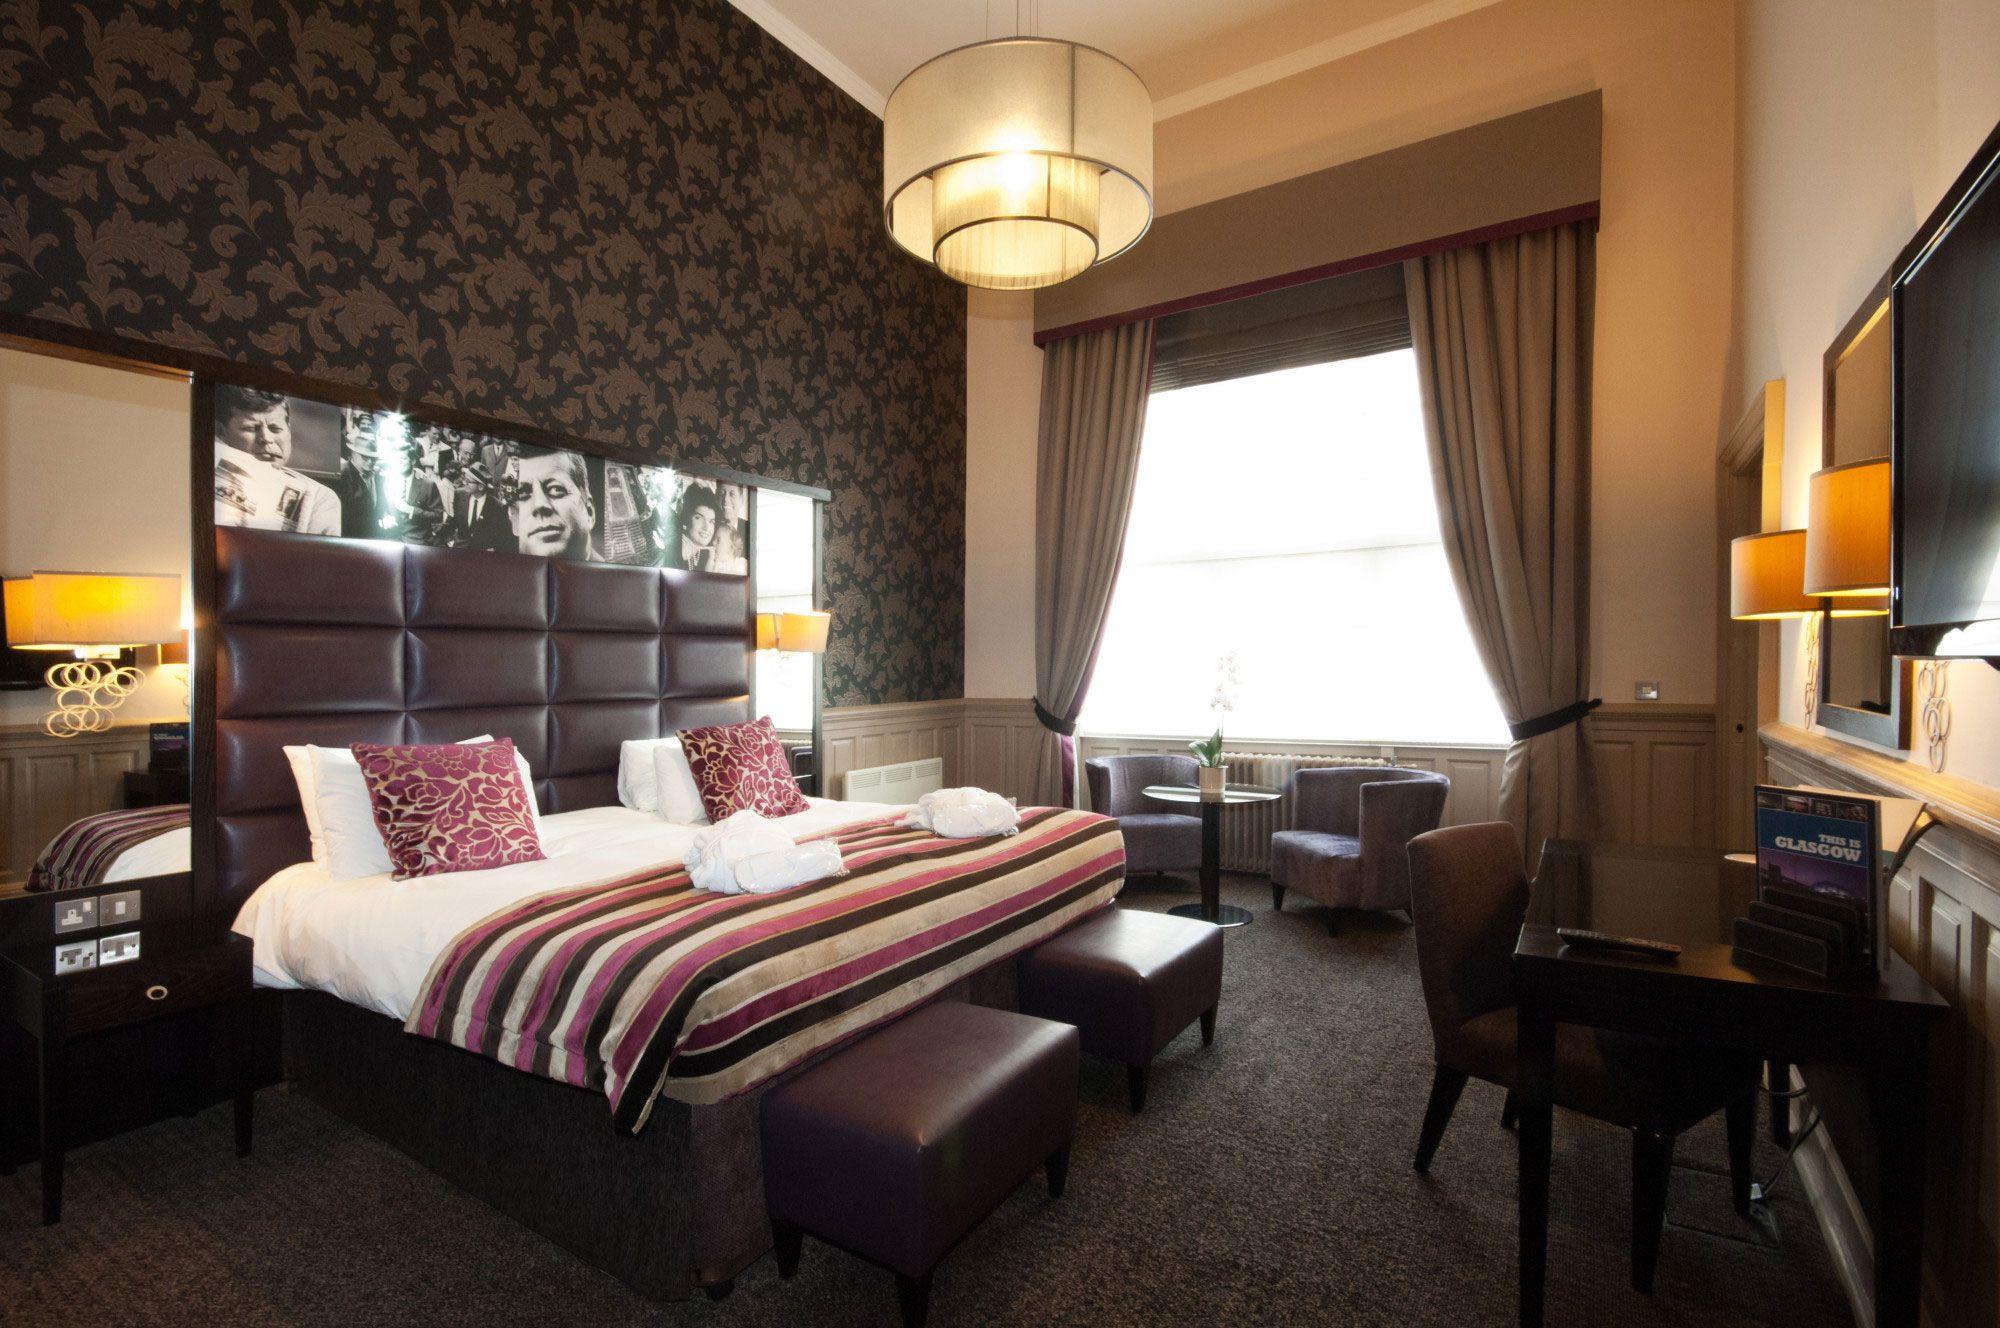 Hotel de lujo de cinco estrellas glasgow trayectorio - Hotel de cinco estrellas ...